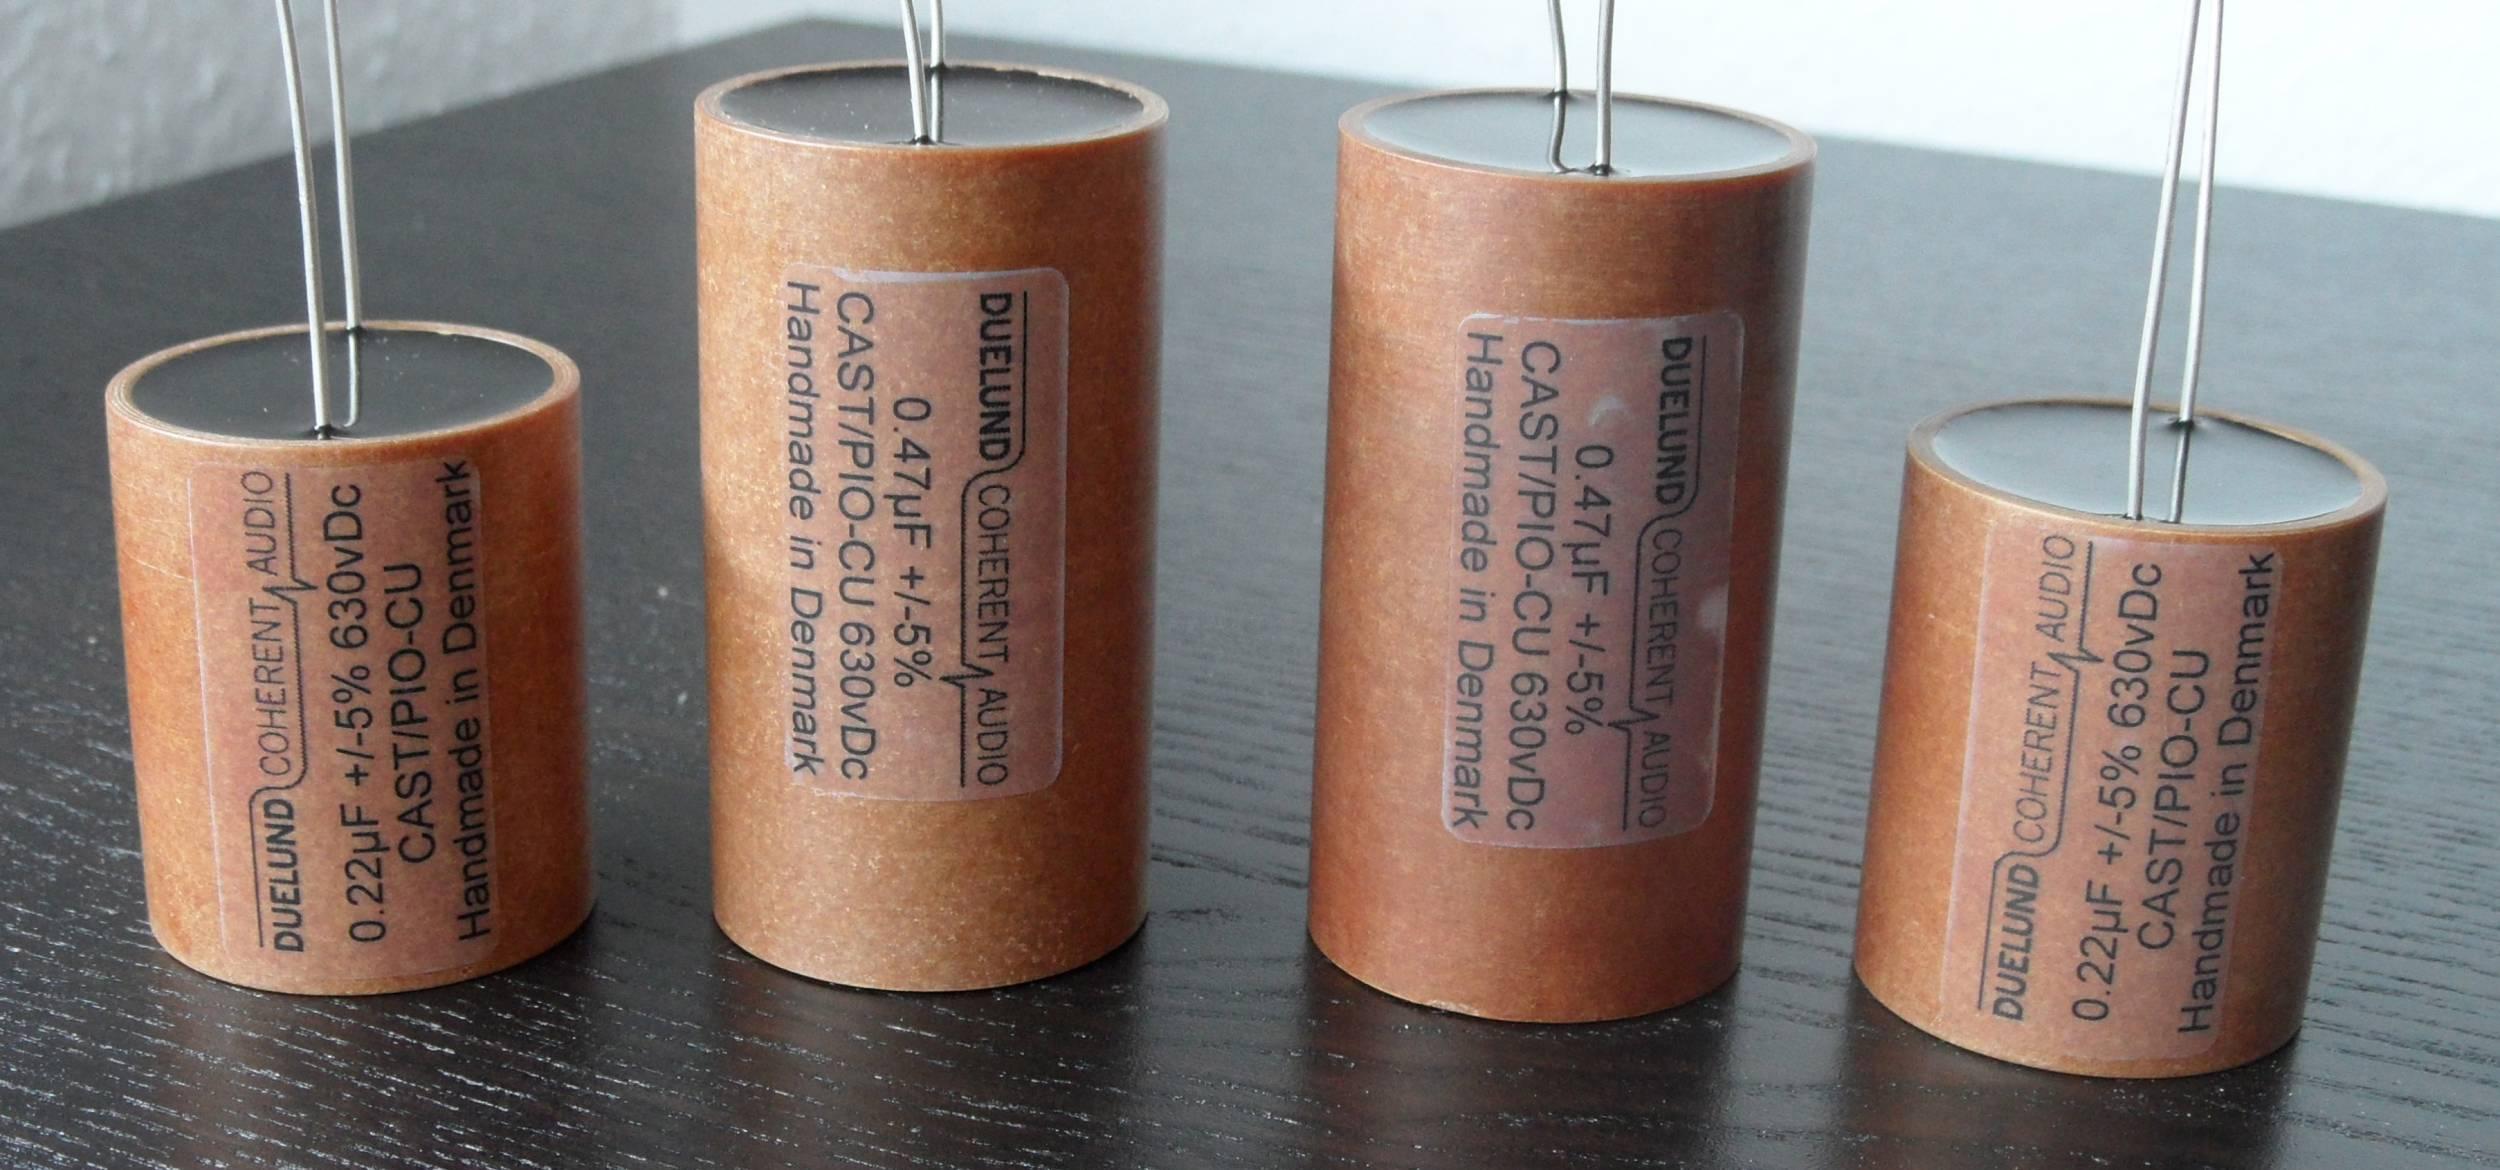 Duelund Capacitor 0.47uF 630Vdc CAST-PIO-Cu (Sn)